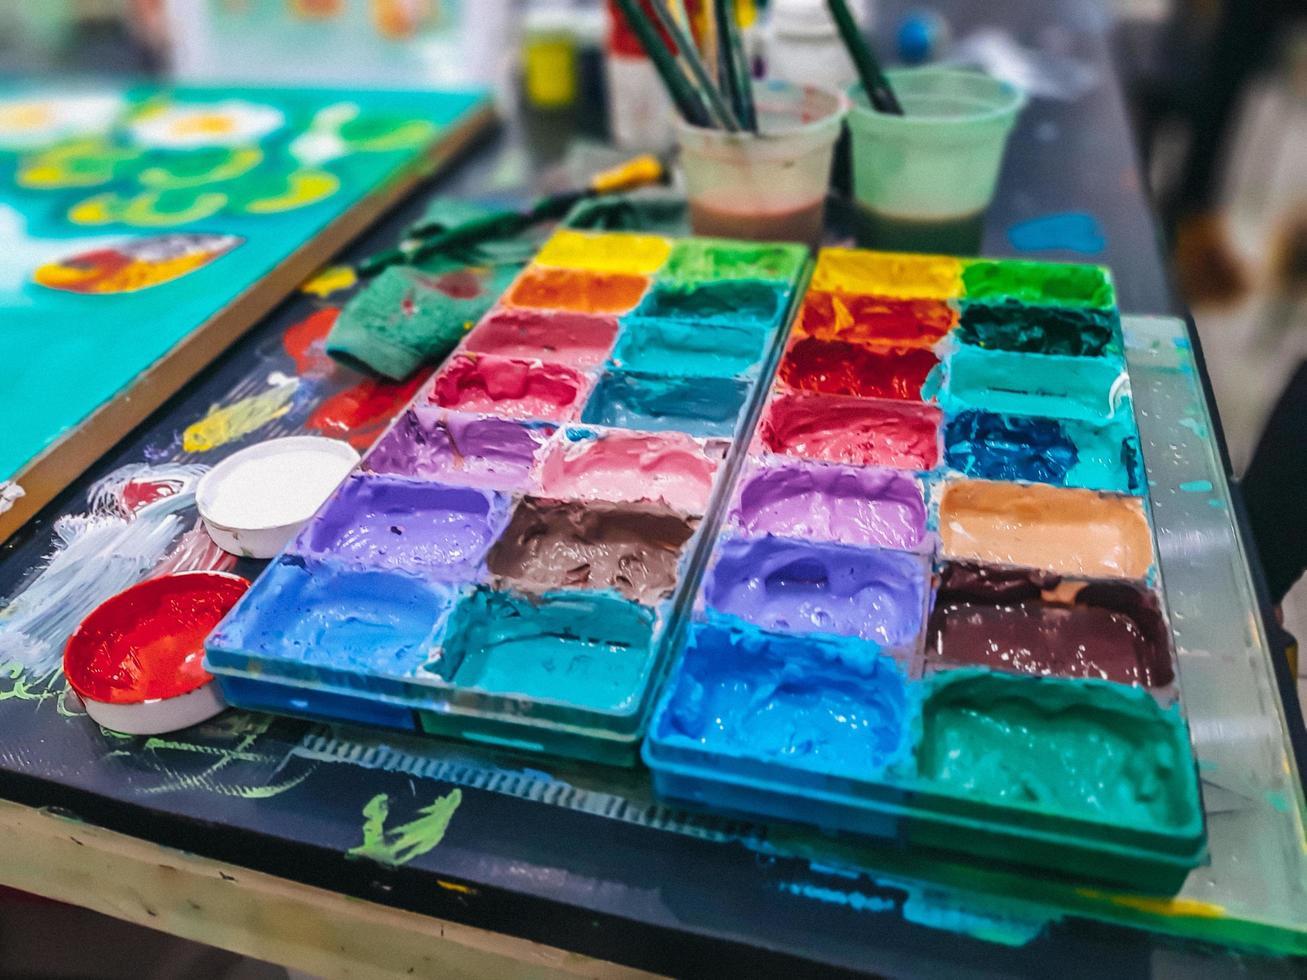 Aquarell in einer Palette, die Palette Wasserfarben auf dem Tisch, viele Farben in der Palette Wasserfarben foto